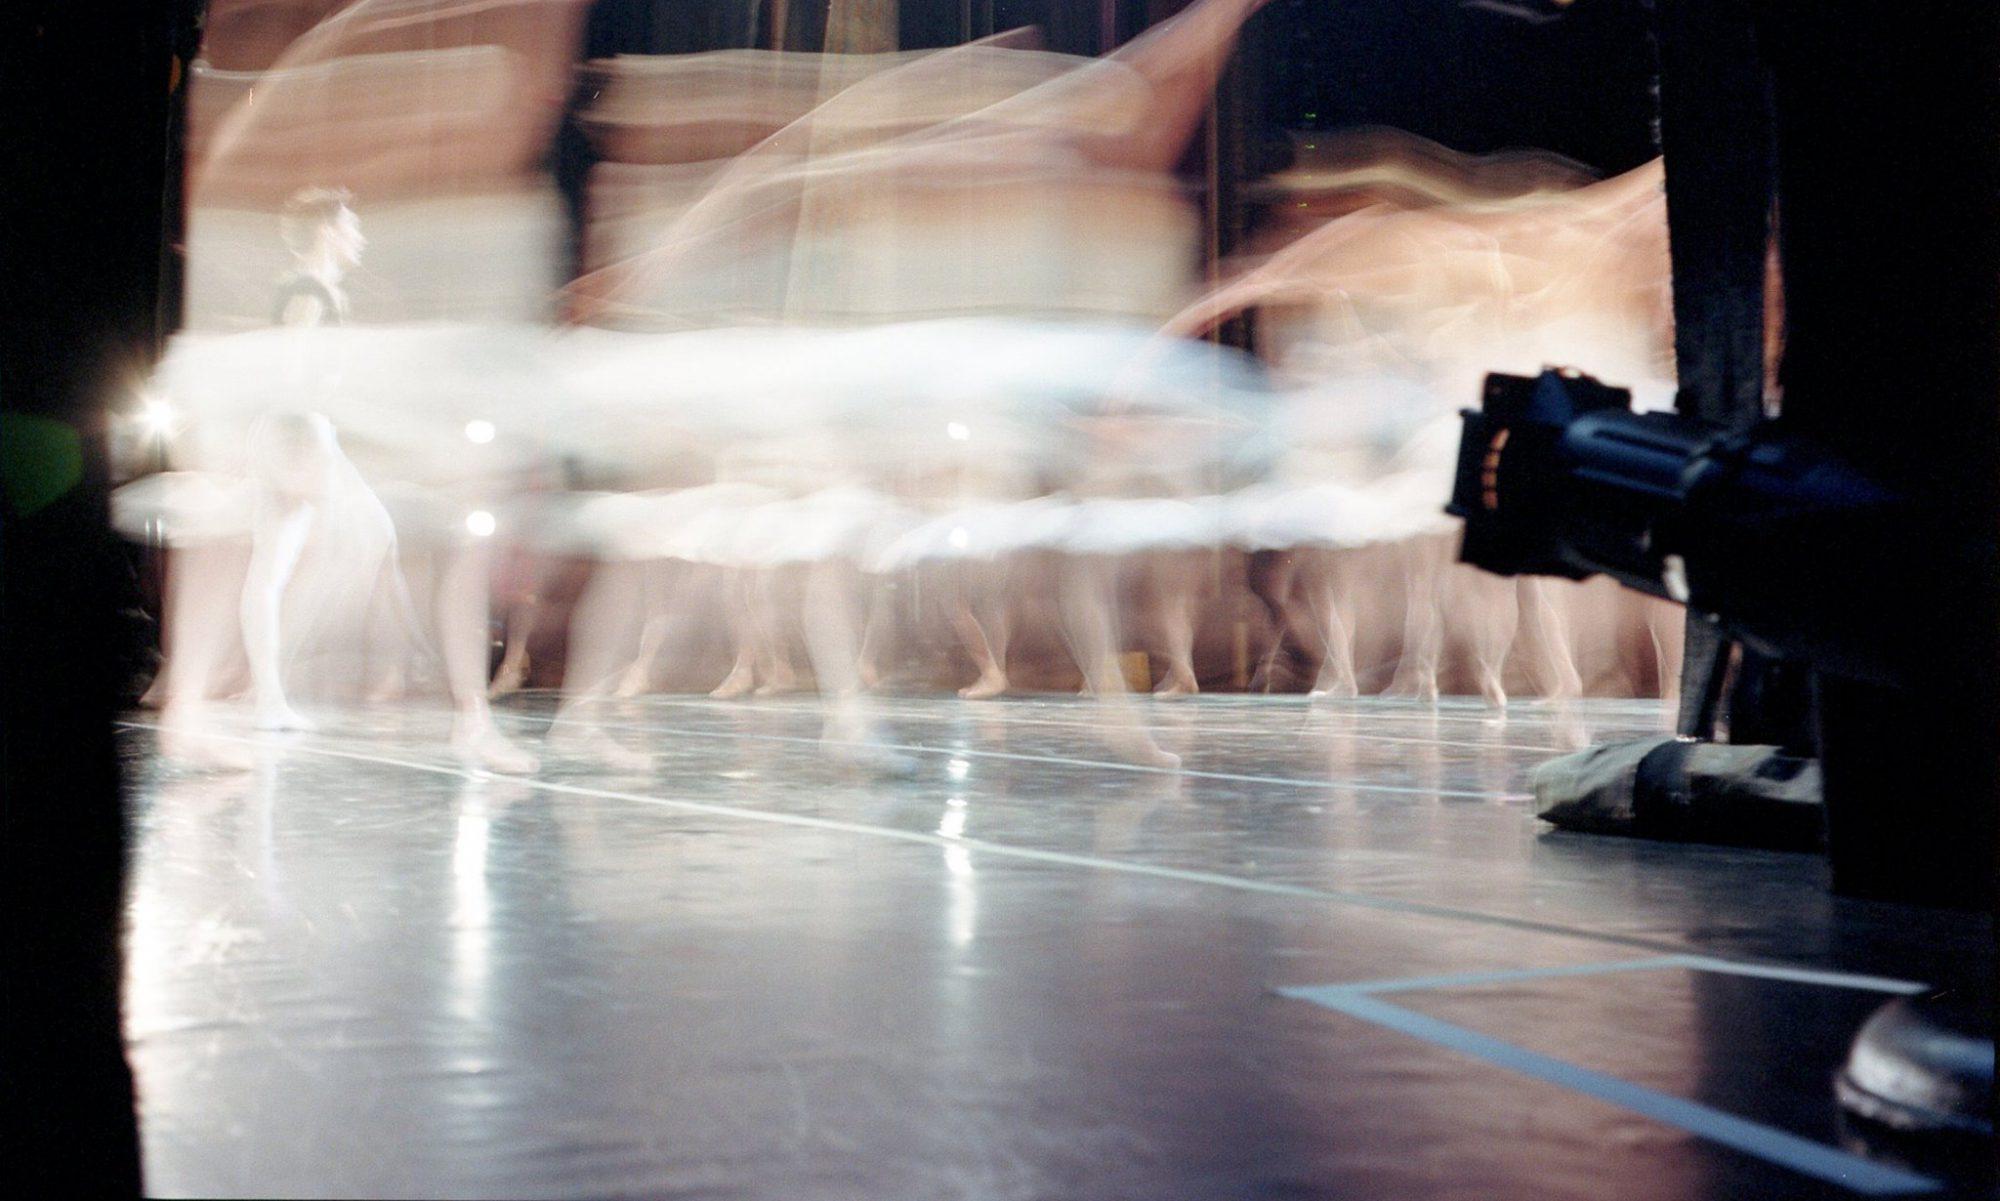 FESTIVAL BALLET PROVIDENCE BLOG